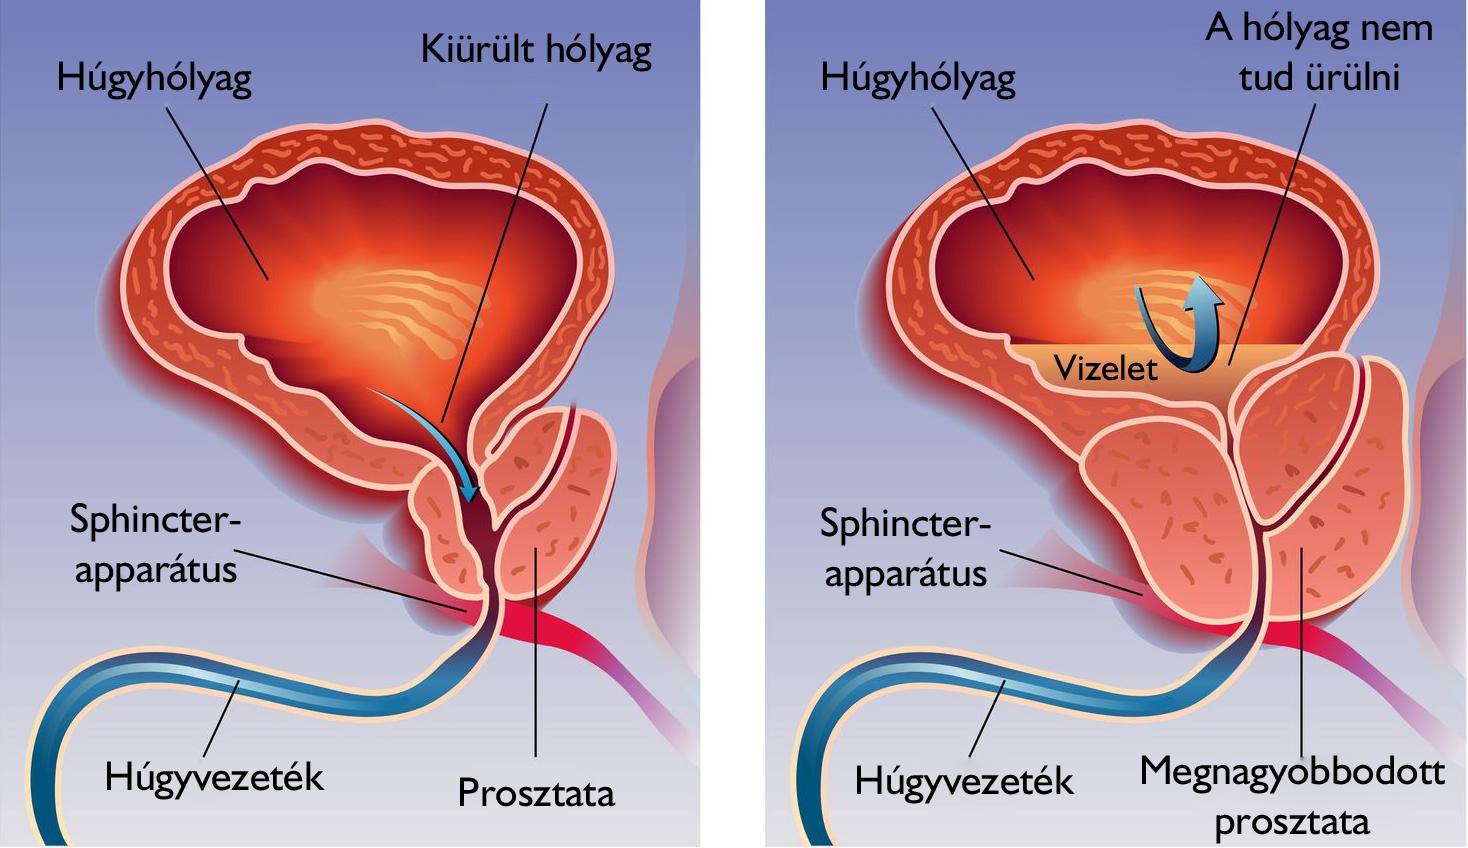 ágyéki fájdalom az erekció után az erekció eltűnik hosszan tartó közösülés során